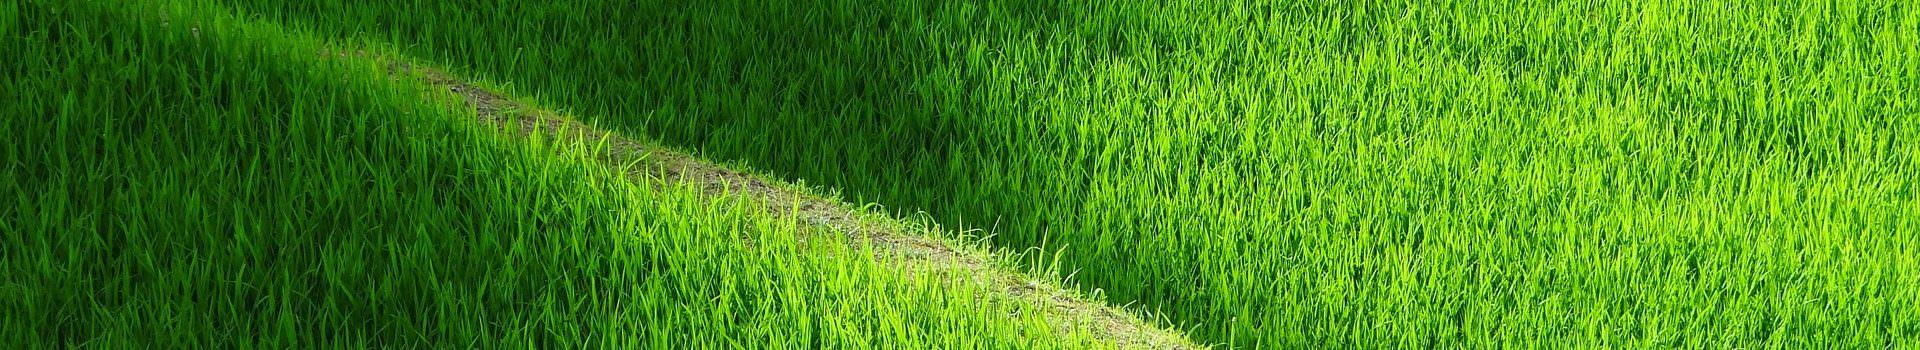 rice-terraces-419770_1920